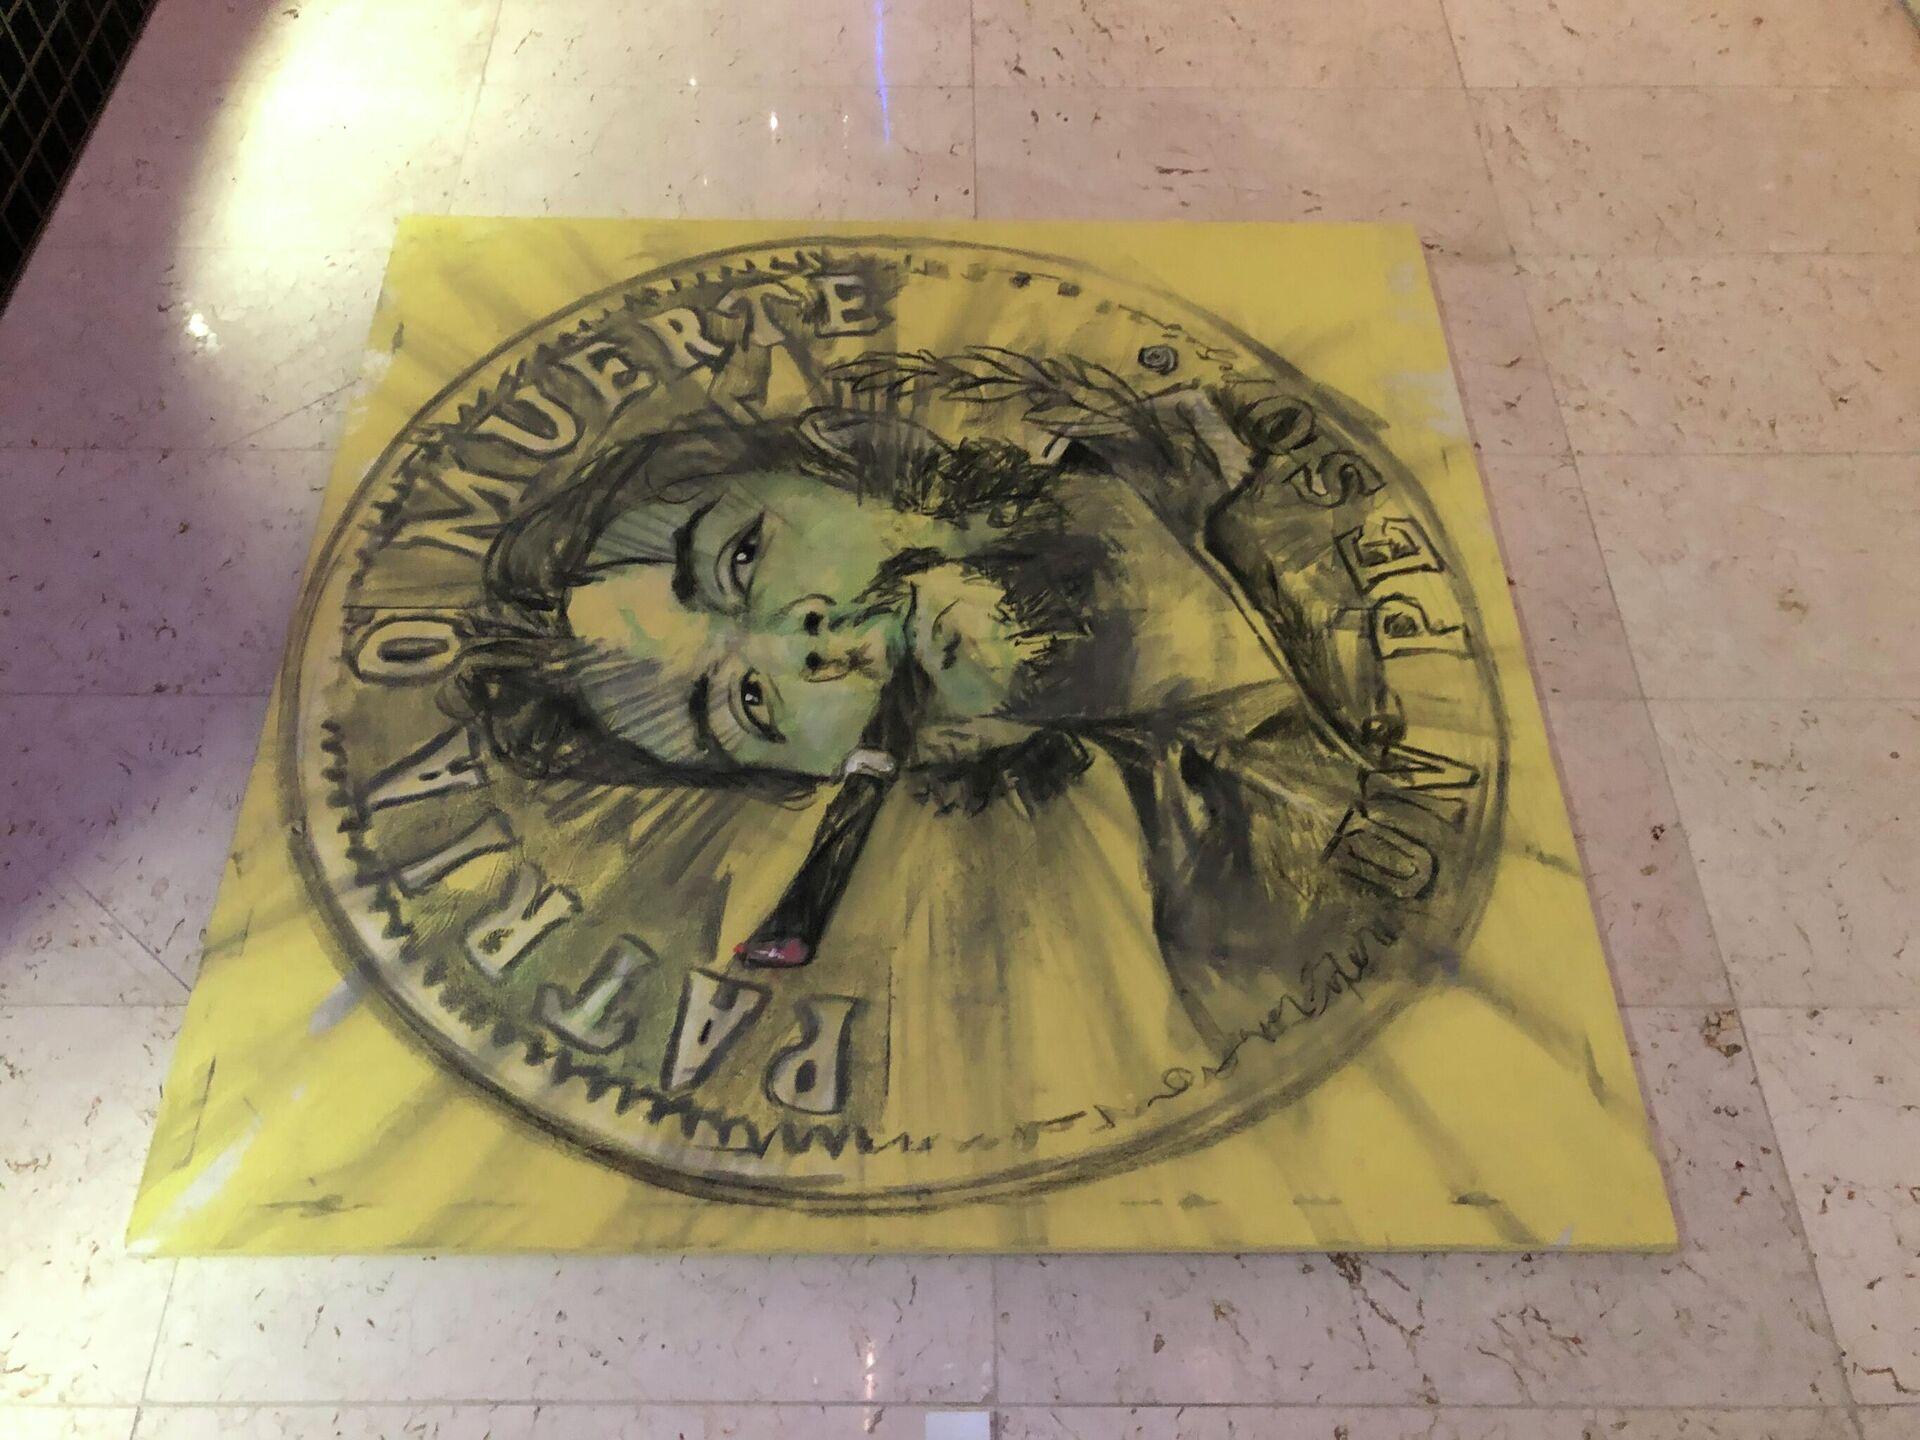 Трафаретный портрет Че Гевары. Гавана.  - РИА Новости, 1920, 18.11.2020